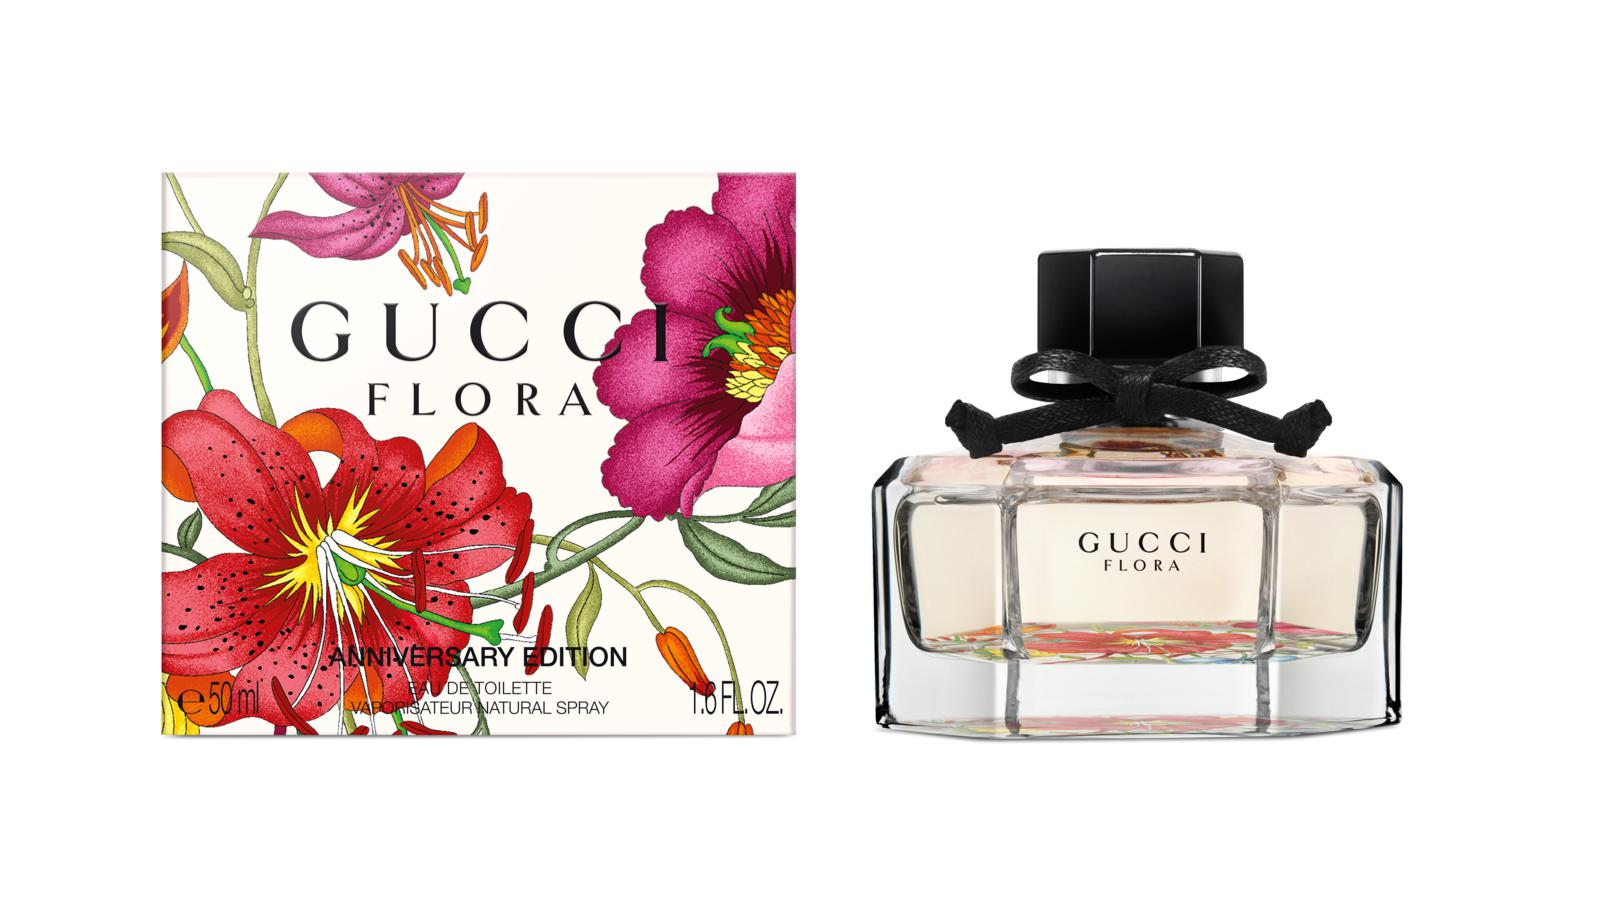 Gucci Flora Anniversary Edition